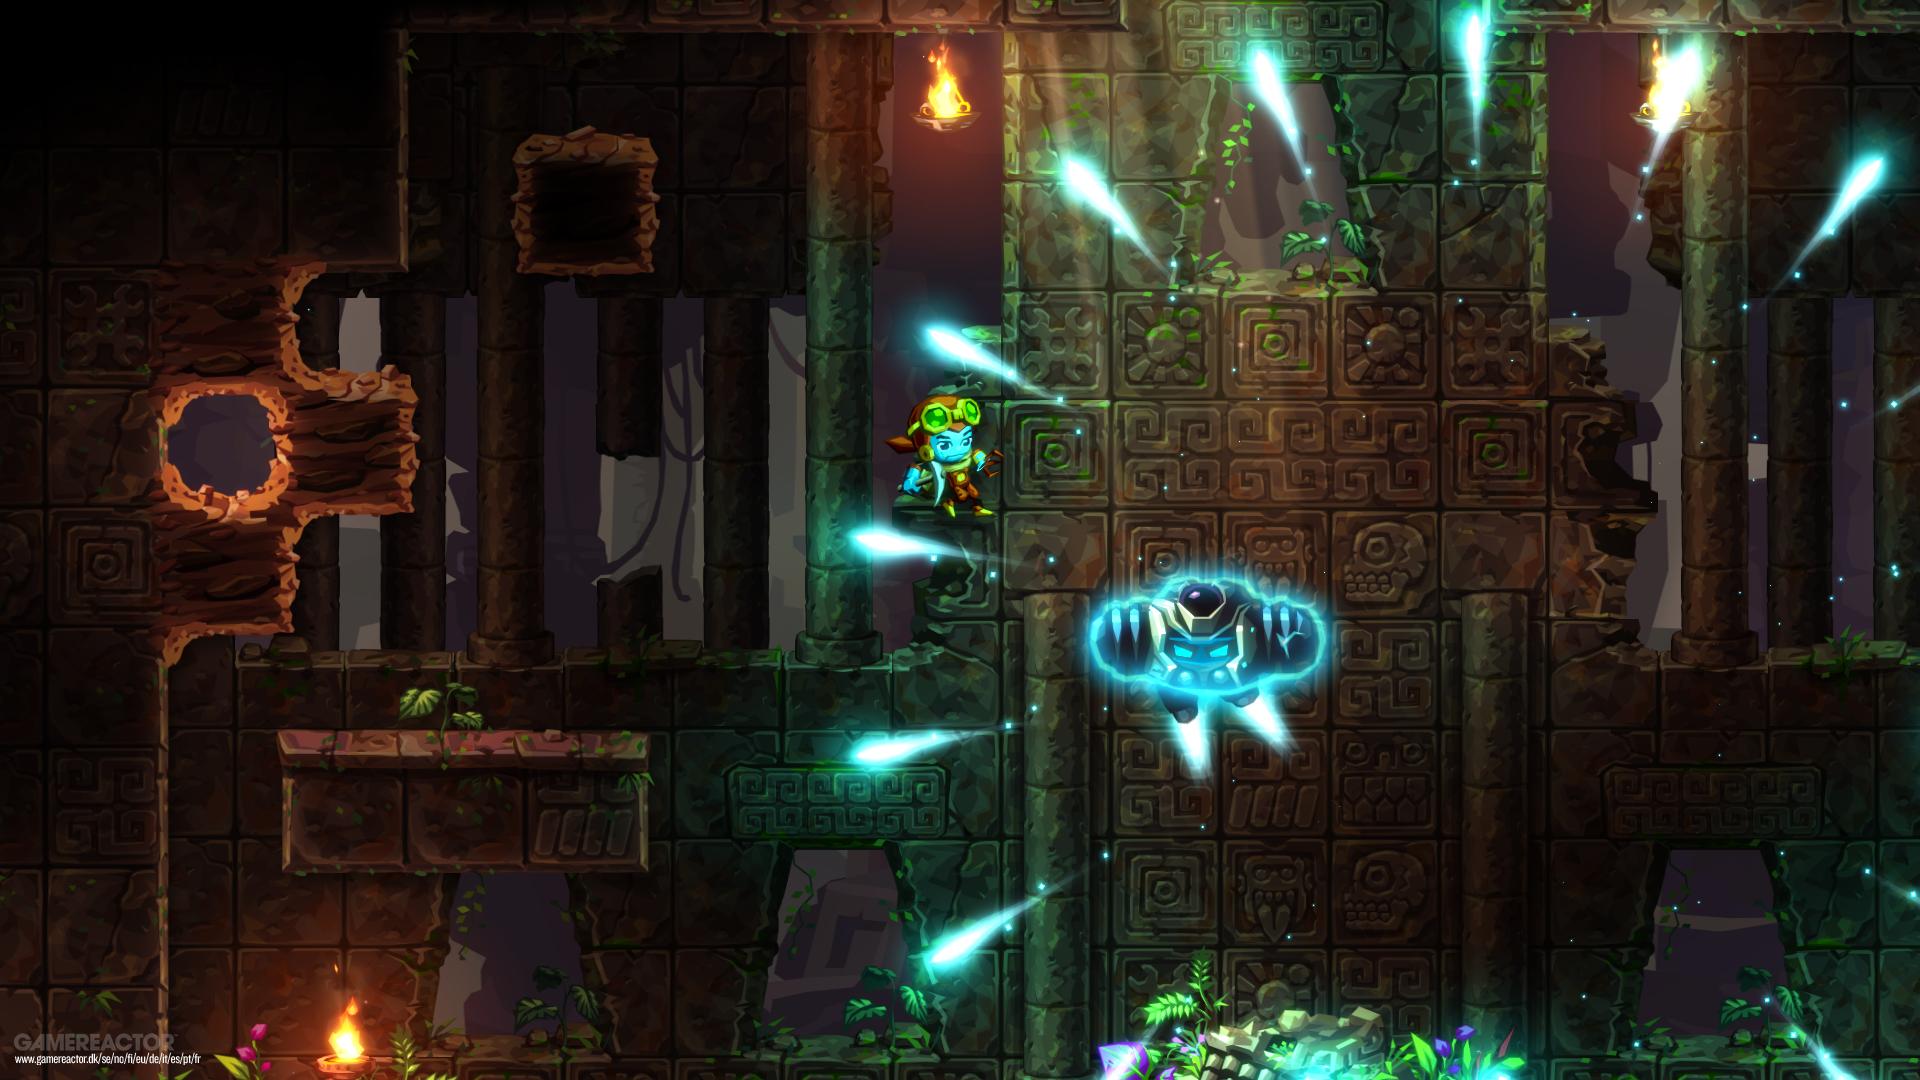 Imagenes De Top 10 Los Juegos Indie Mas Vendidos De Switch Ano 1 1 1